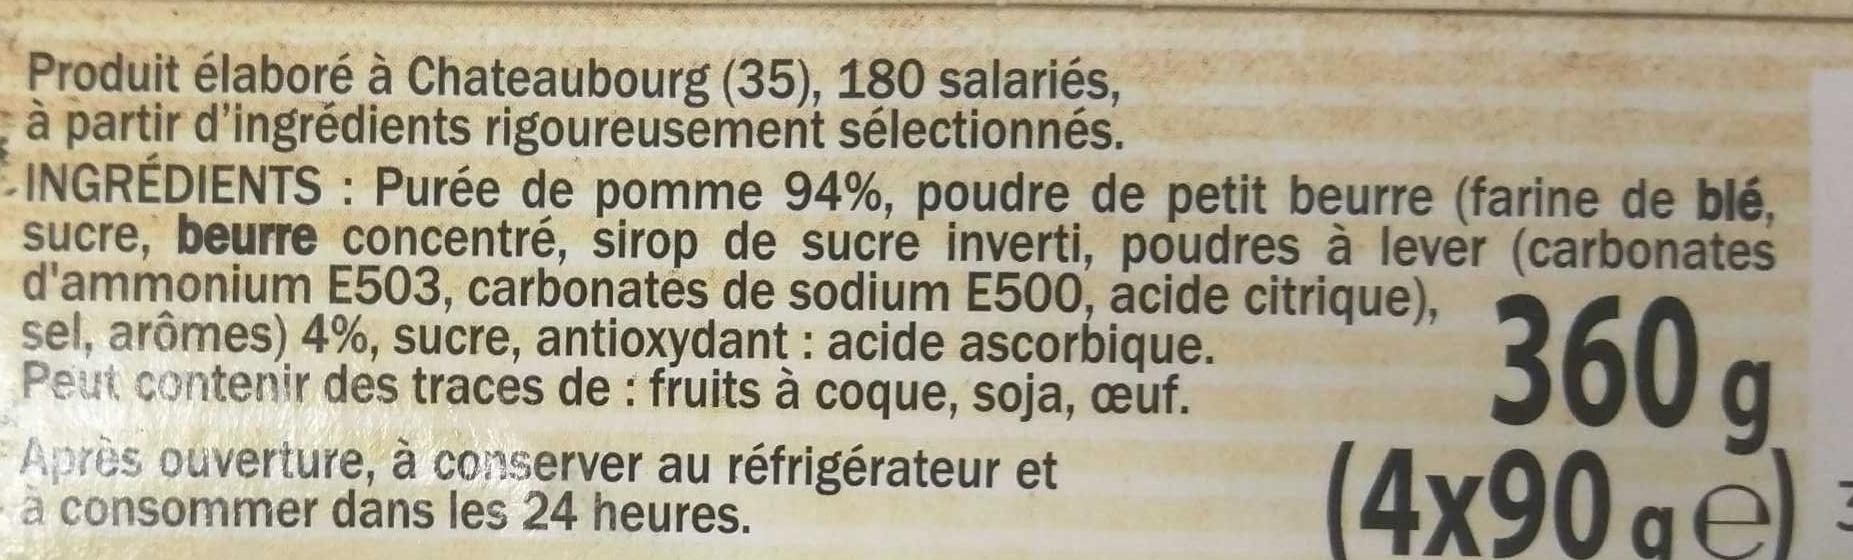 Délice de Pomme Petit beurre - Ingrédients